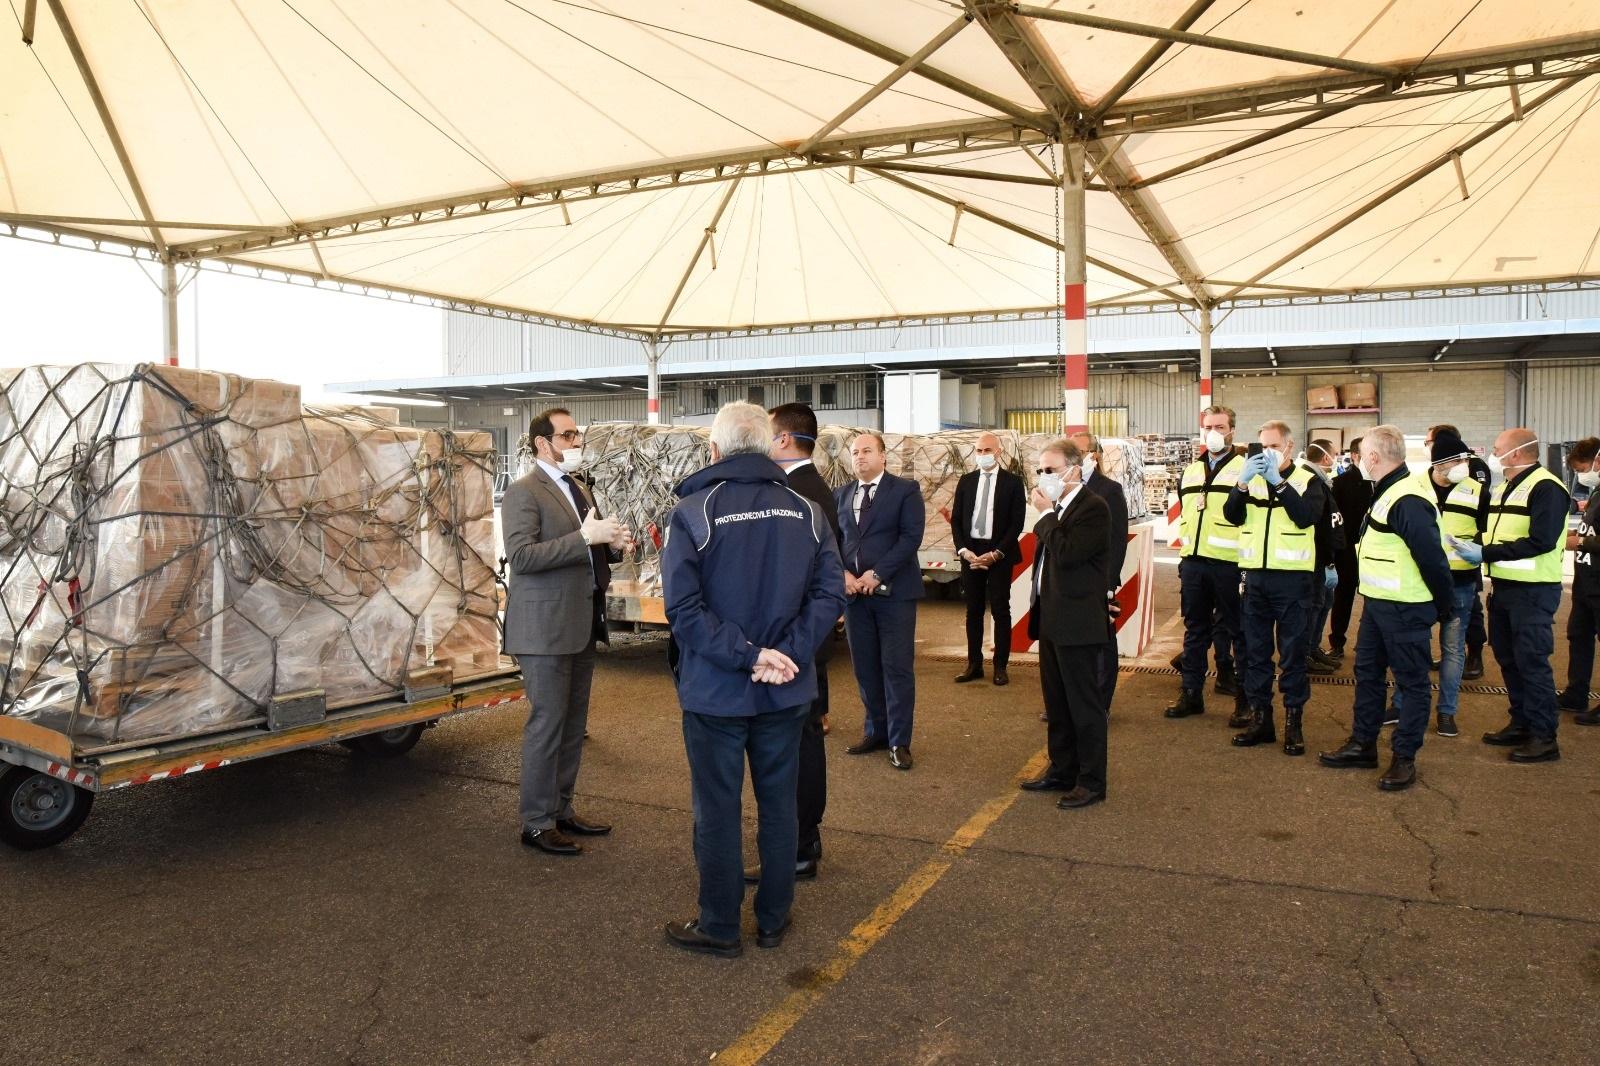 الإمارات ترسل طائرة مساعدات إلى إيطاليا لدعمها في مواجهة فيروس كورونا المستجد